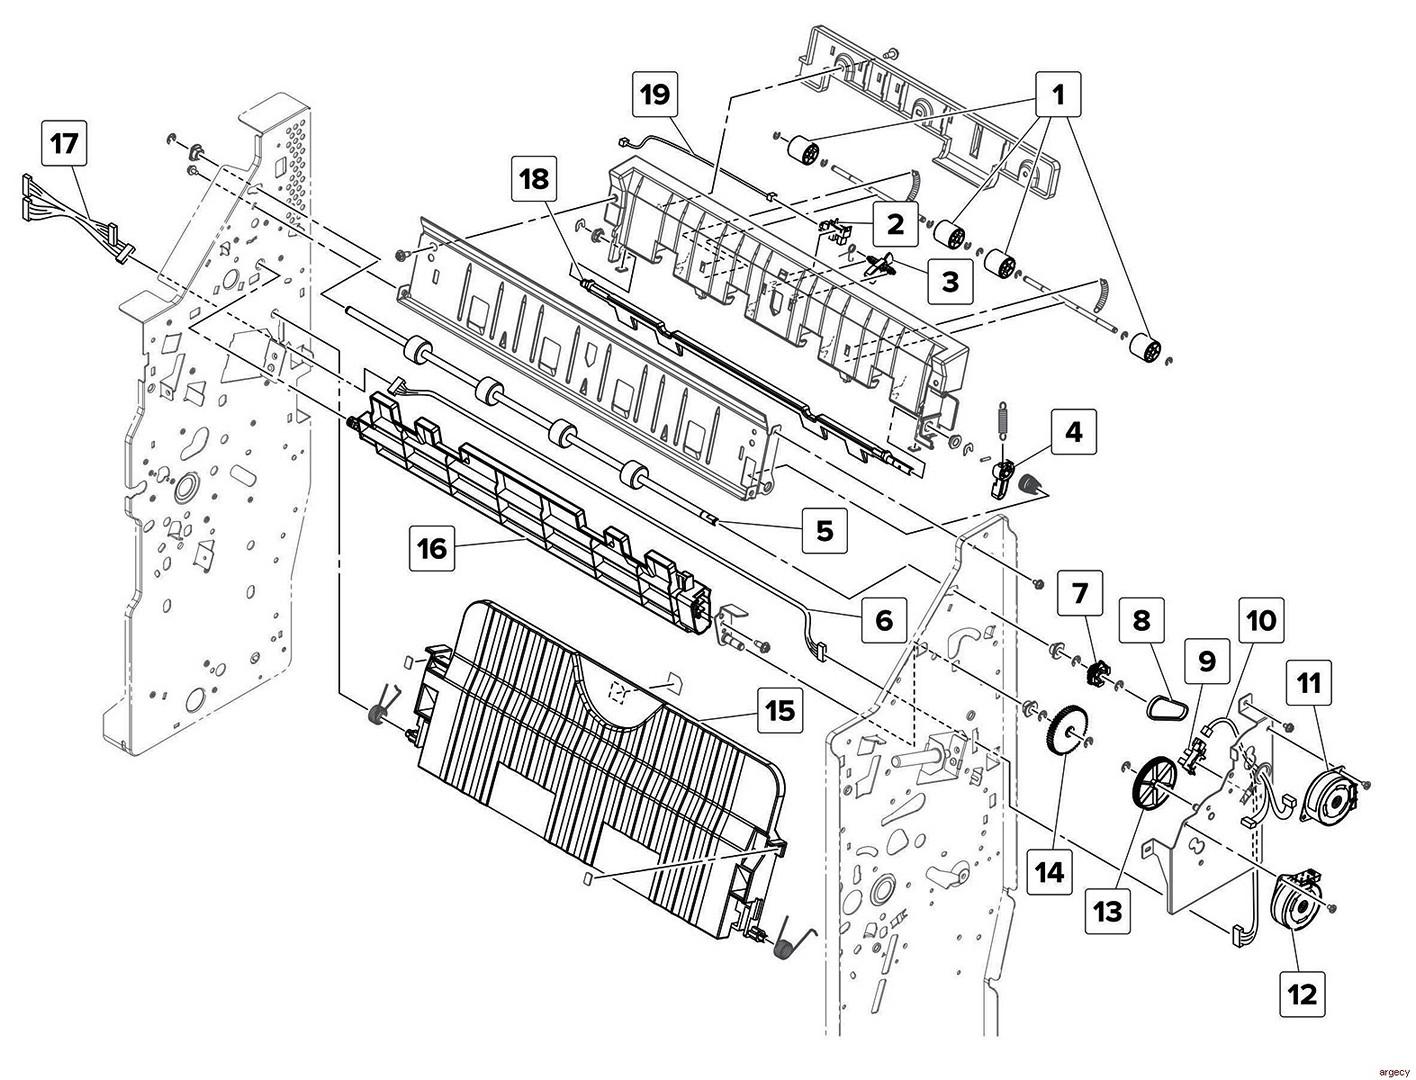 Lexmark MS911 MX911 XM91x Finisher Parts (4021-23x, 7421